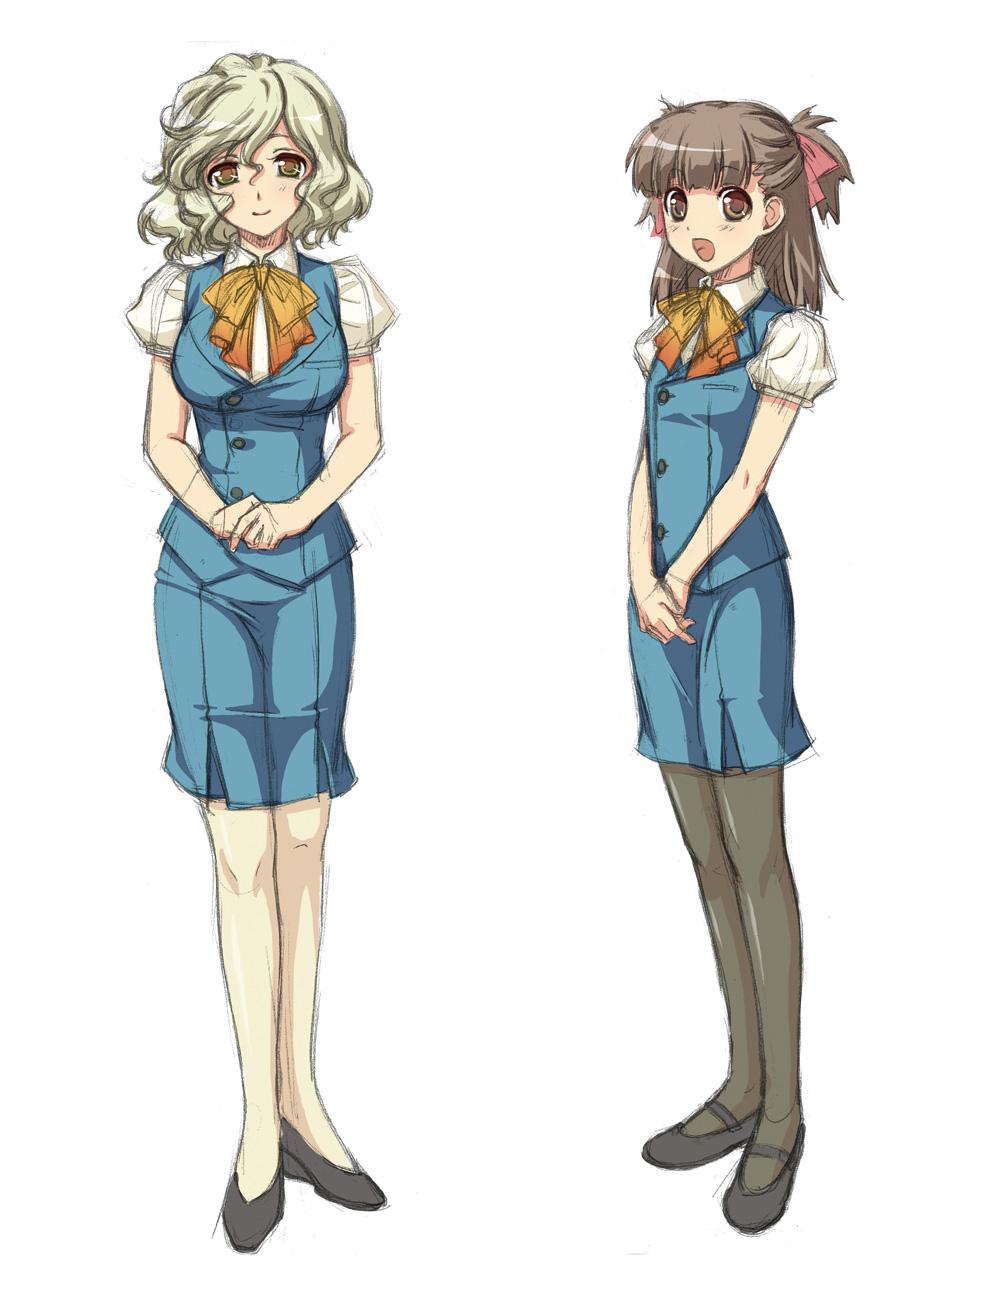 「レッスルエンジェルス」や「プラレス3四郎」の衣装を着たキャラクターのカードも登場する